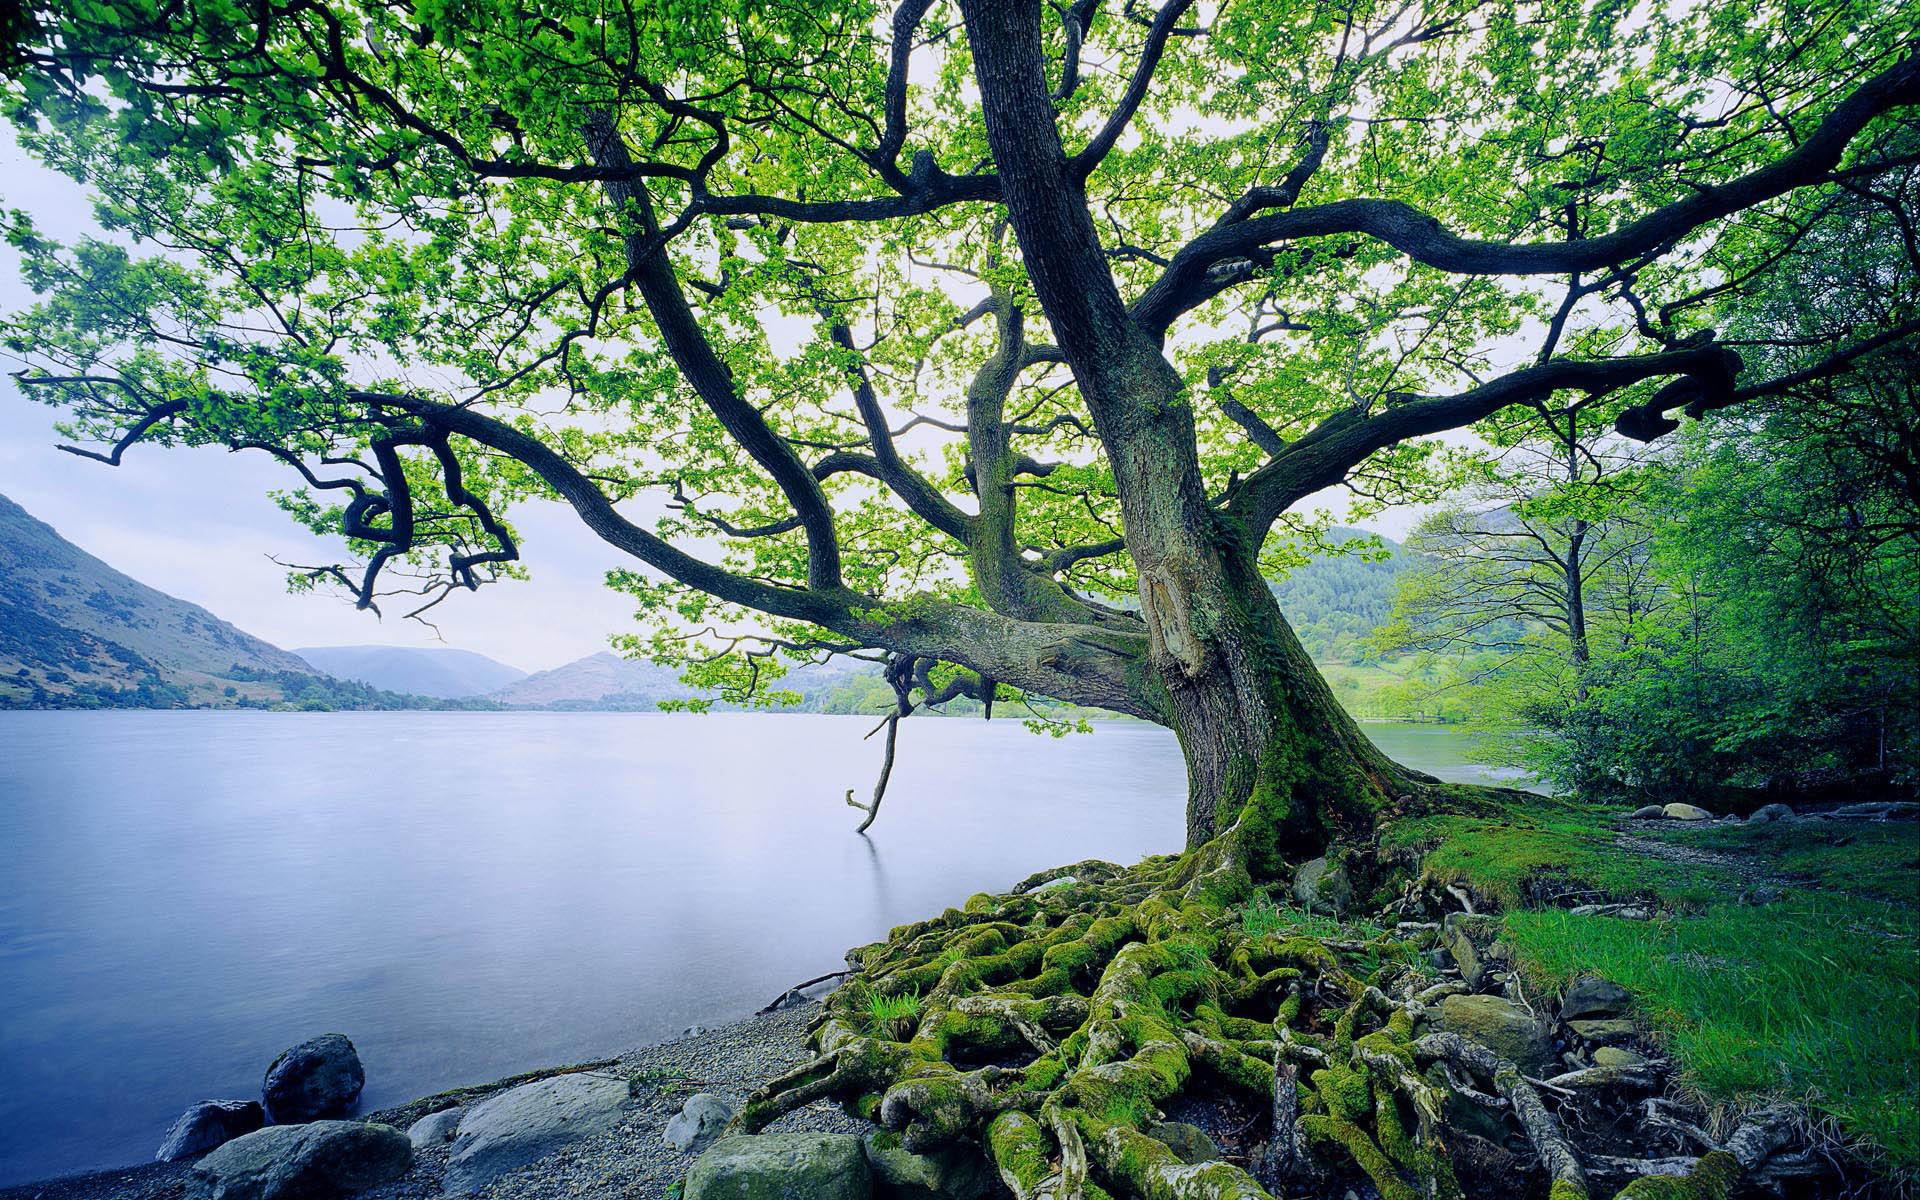 накренившееся над речкой дерево  № 1217022  скачать